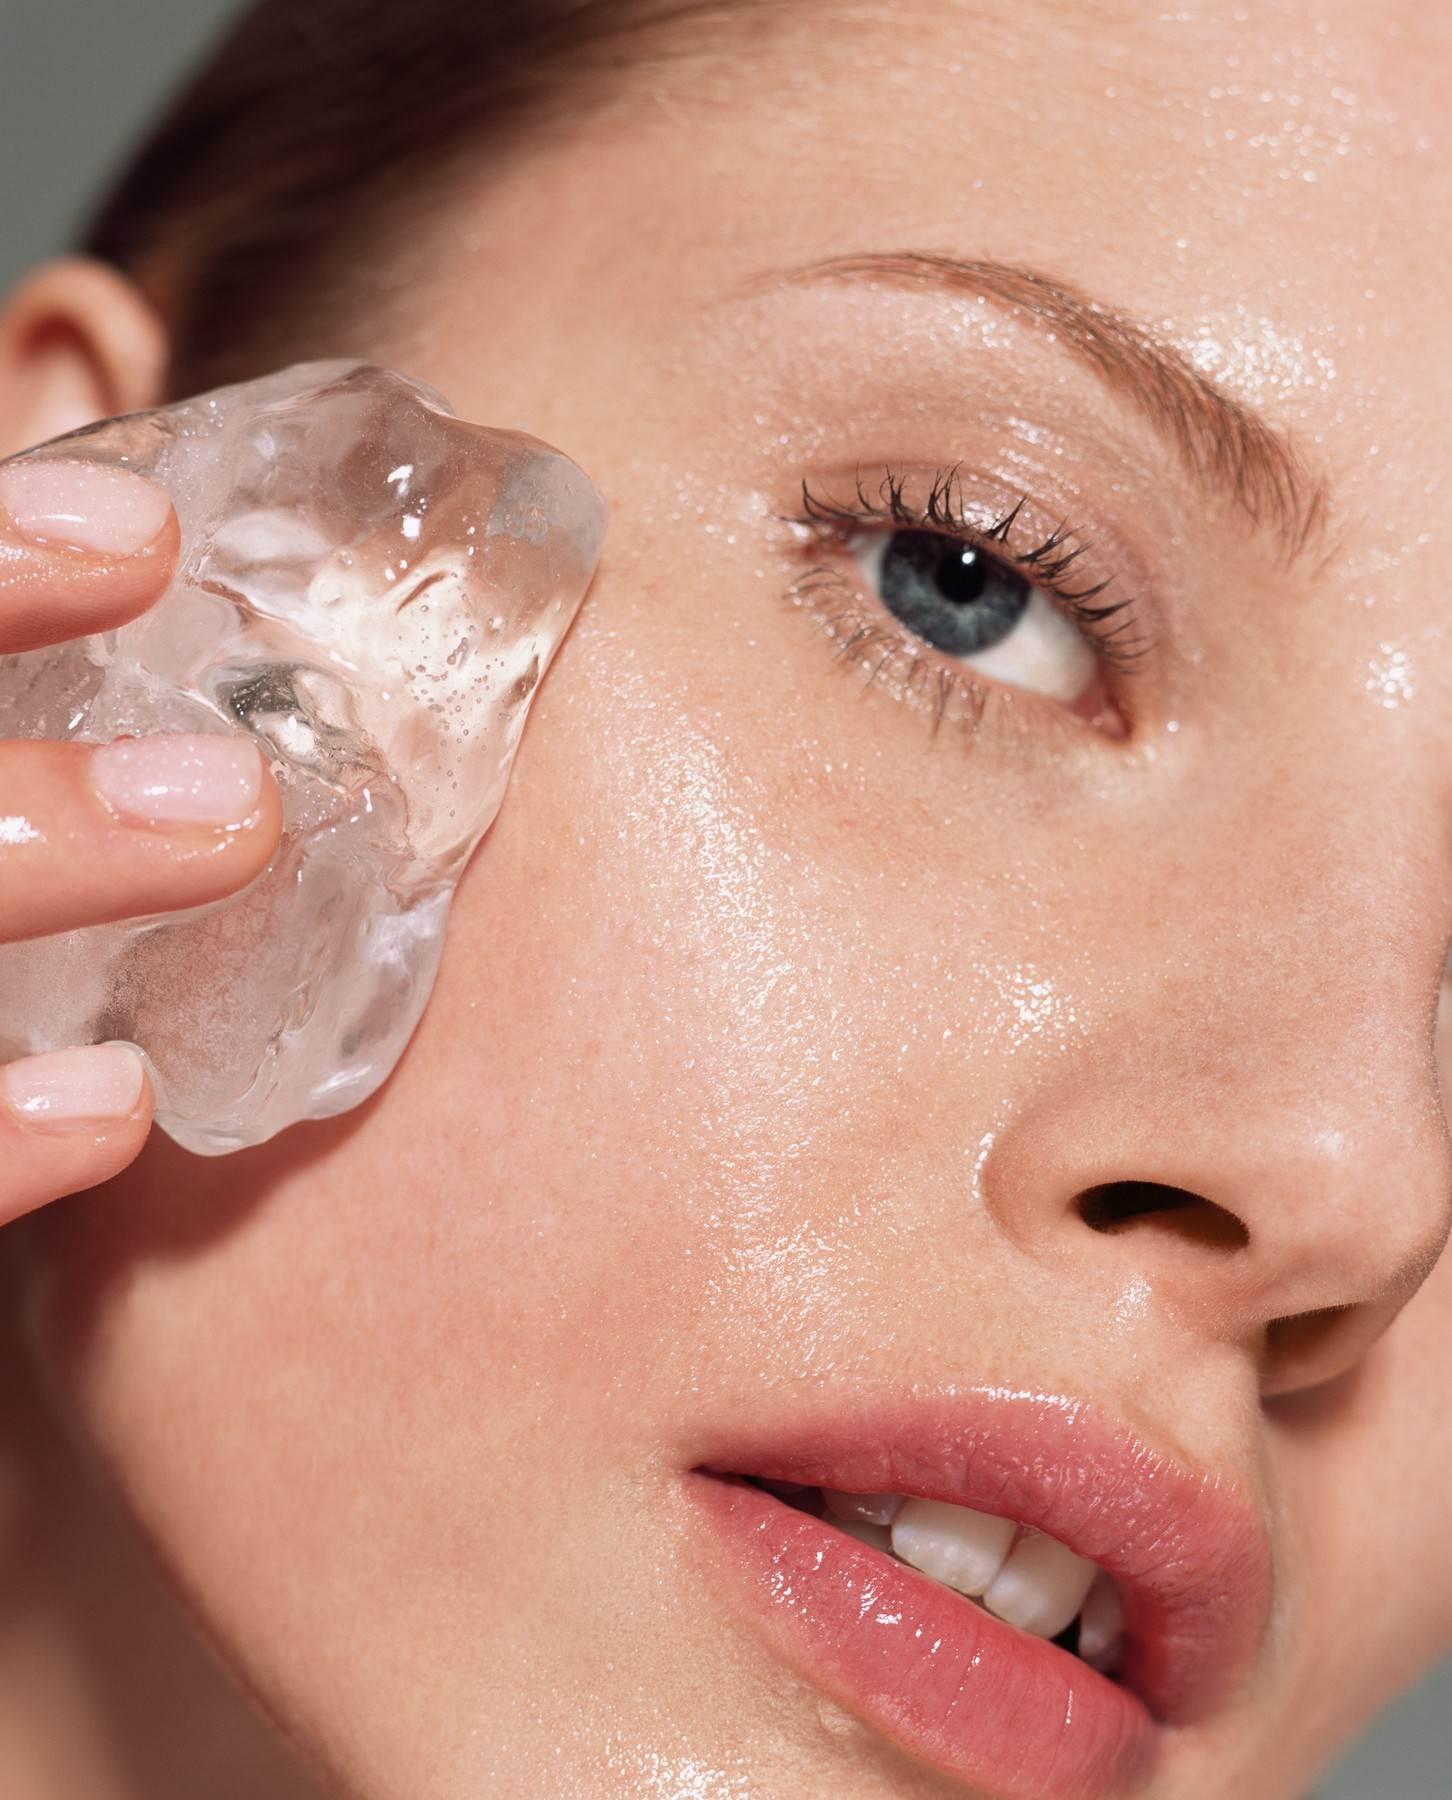 OVO MORATE PROBATI! Skin icing – beauty trend u koji se kune Irina Shayk |  STORYHR